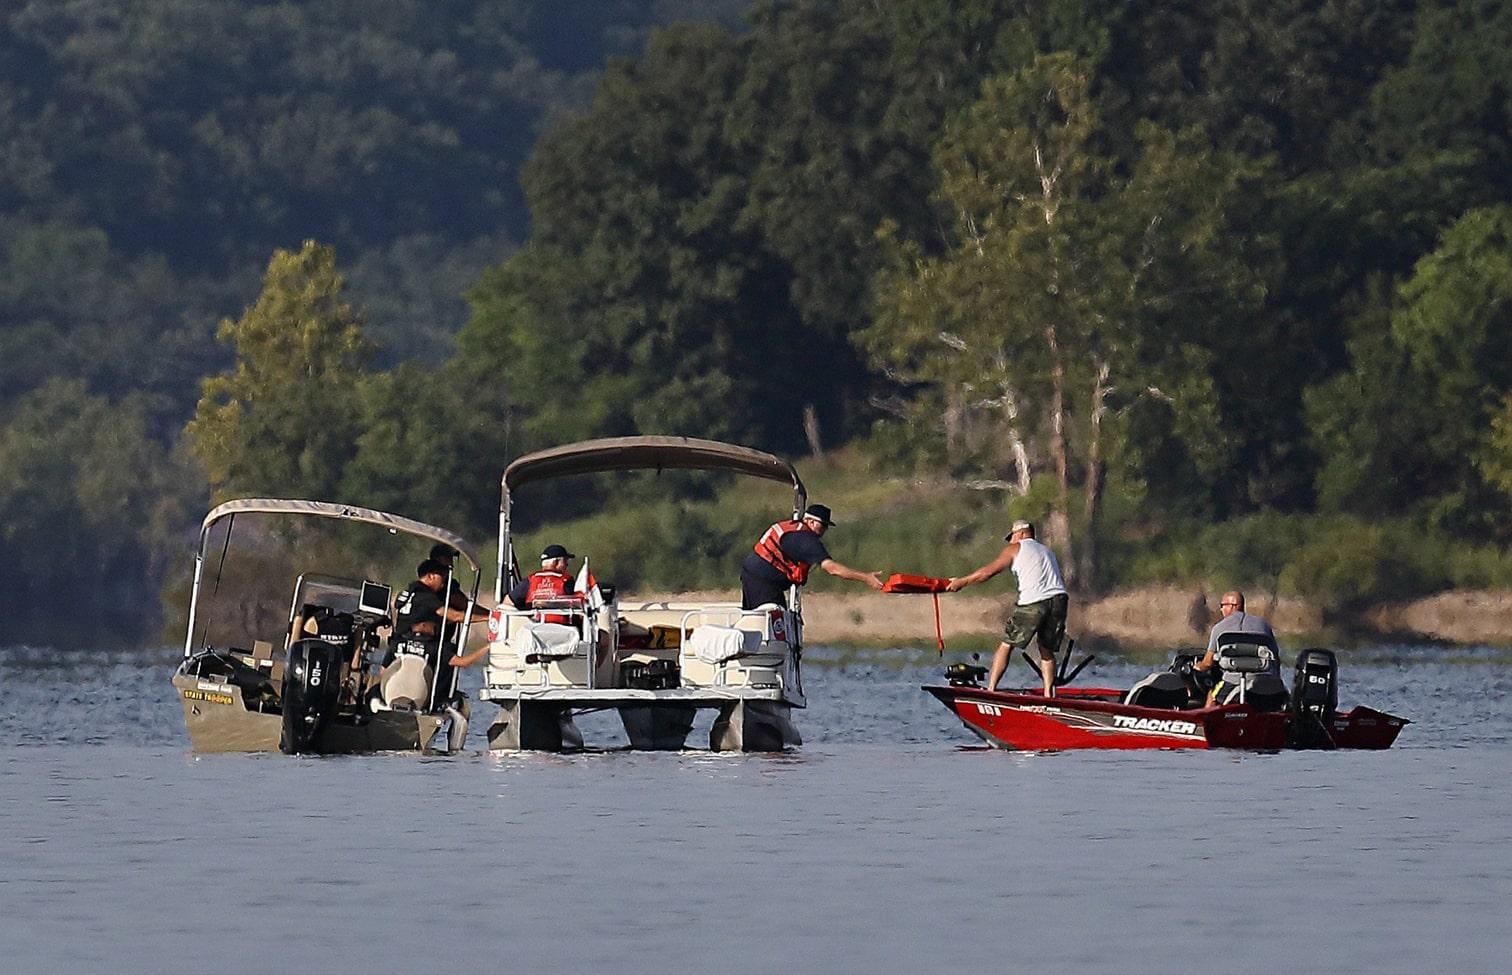 dennoch muss niemand Schwimmwesten anlegen. Nach dem Bootsunglück in Missouri stehen die Ermittler vor einigen Rätseln.</p> Foto: dpa